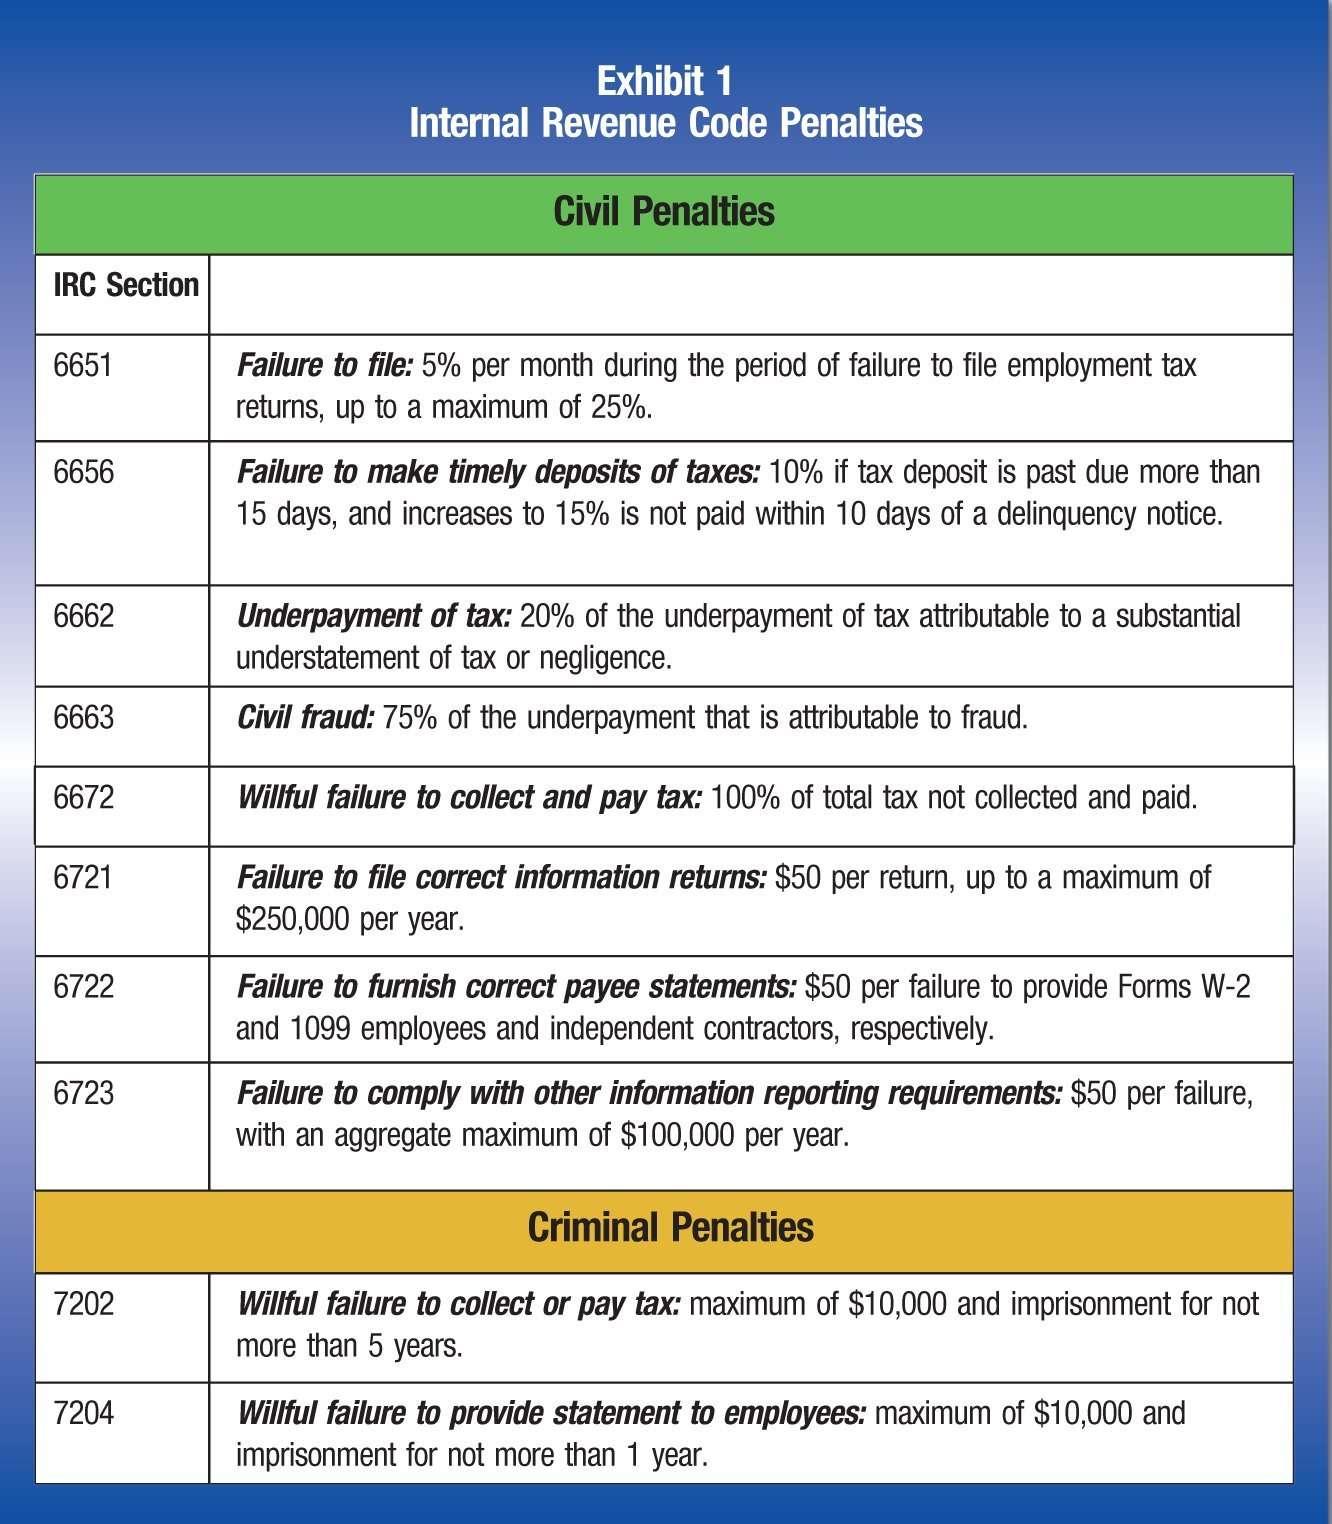 Employee Versus Independent Contractor